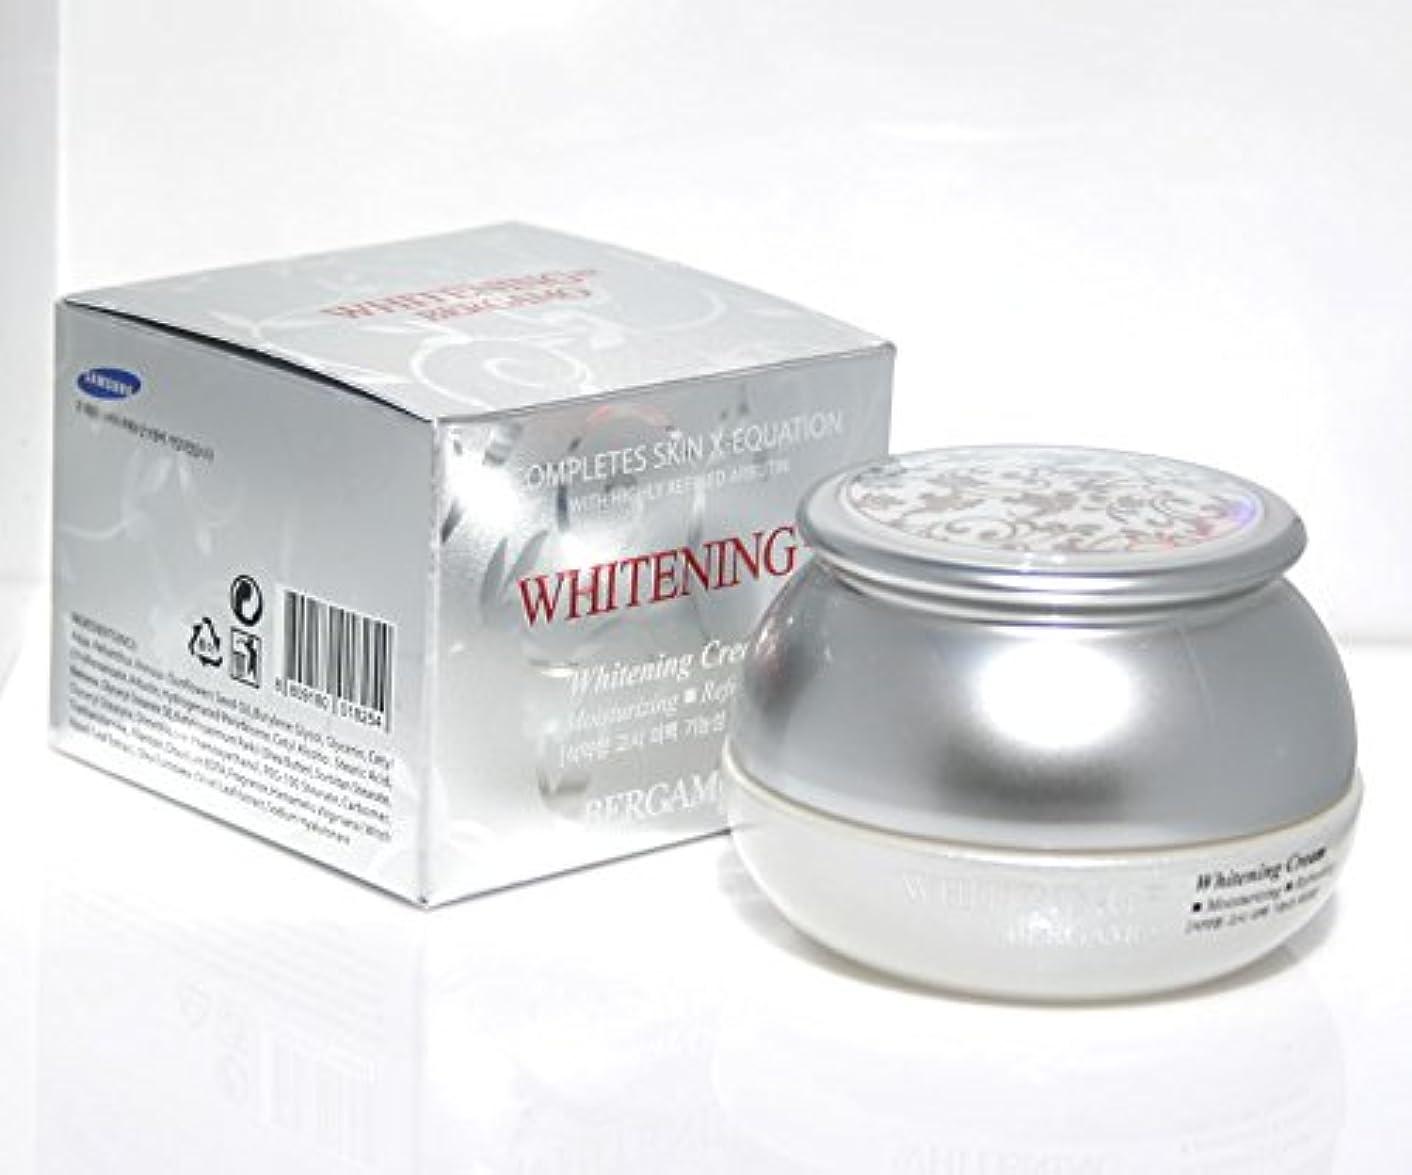 感謝ベーシック香水【ベルガモ][Bergamo]  は、高度に精製アルブチンホワイトニング例クリーム50g /  Completes Skin X-equation with Highly Refined Albutin Whitening...